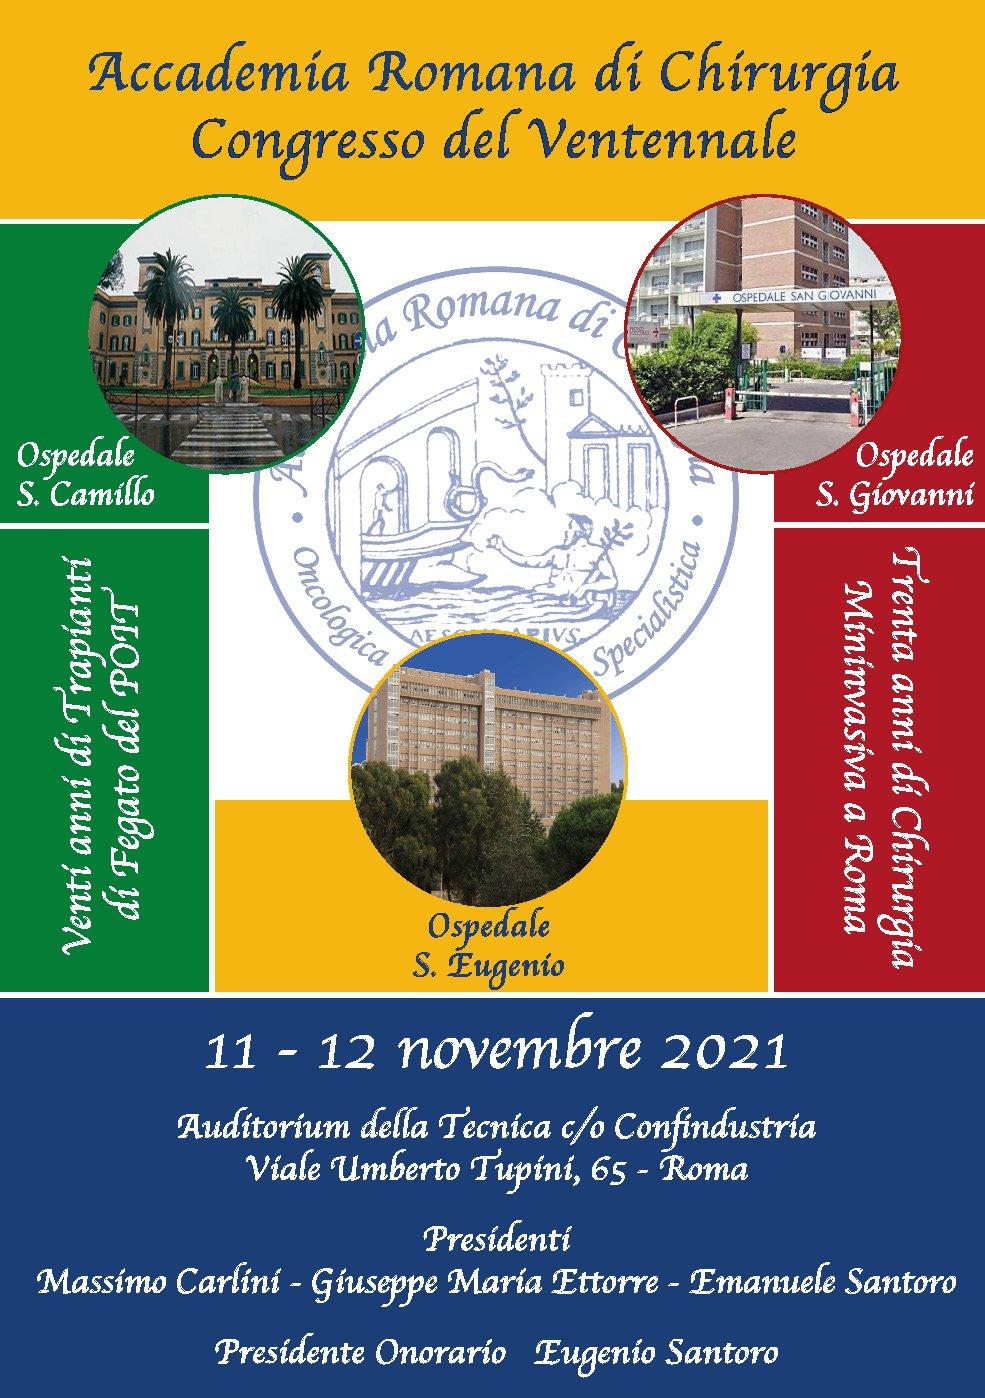 Accademia Romana di Chirurgia - Congresso del Ventennale